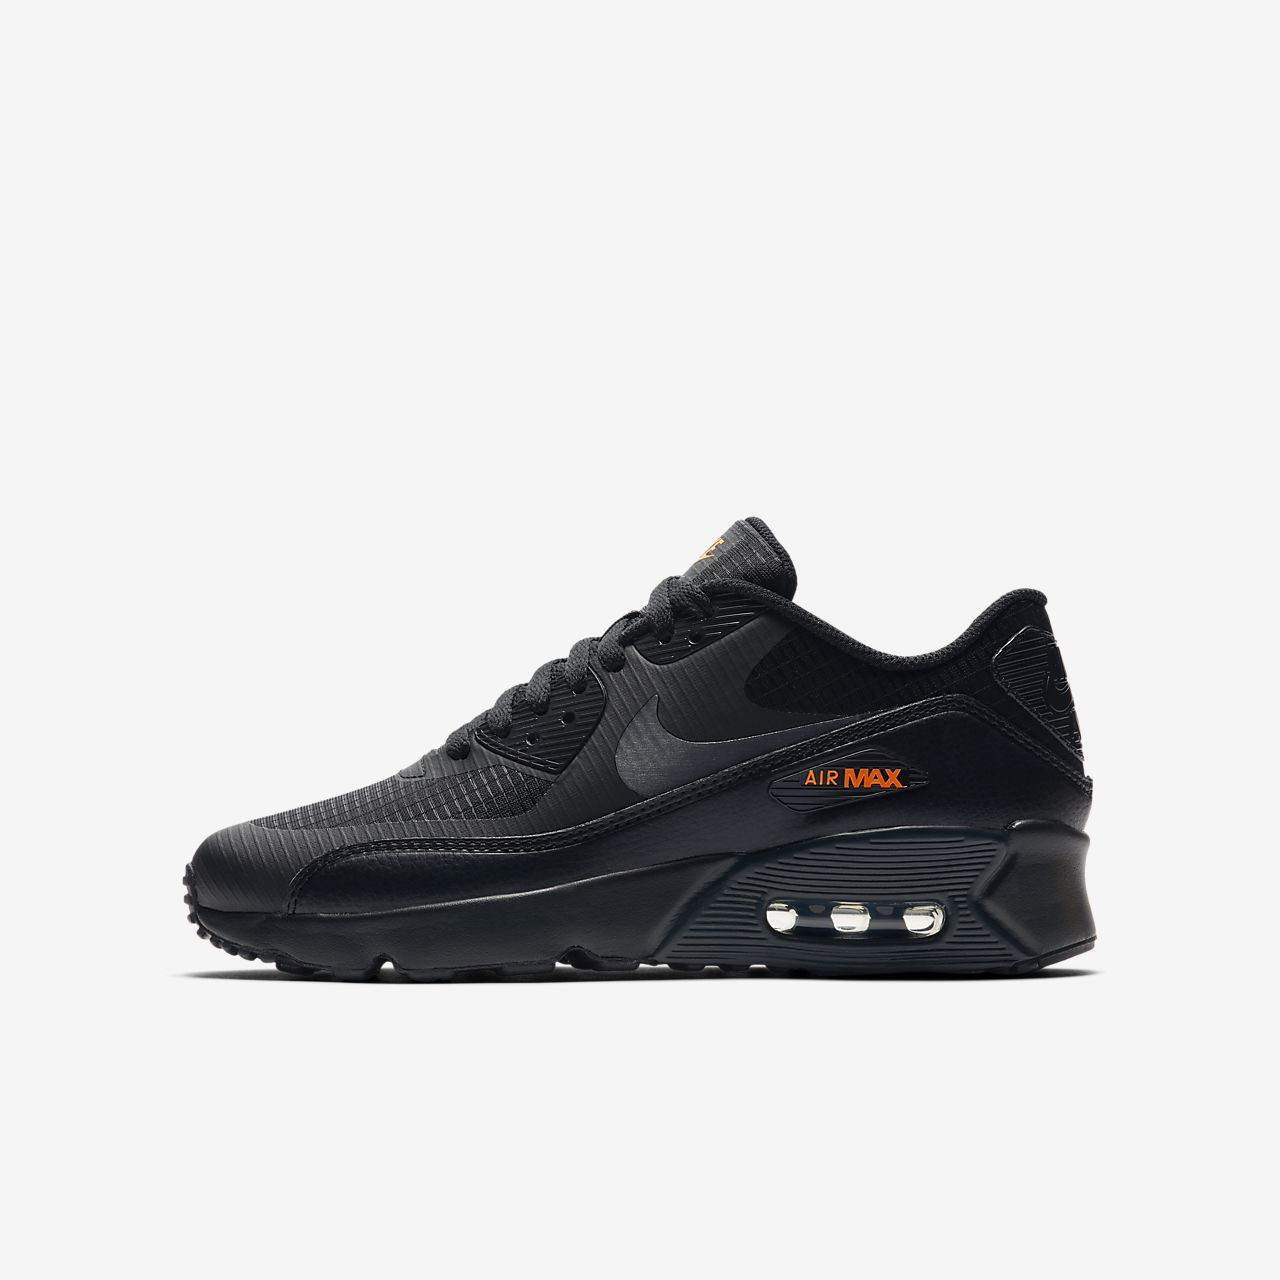 hot sale online 38c38 7255f ... Chaussure Nike Air Max 90 Ultra 2.0 pour Enfant plus âgé